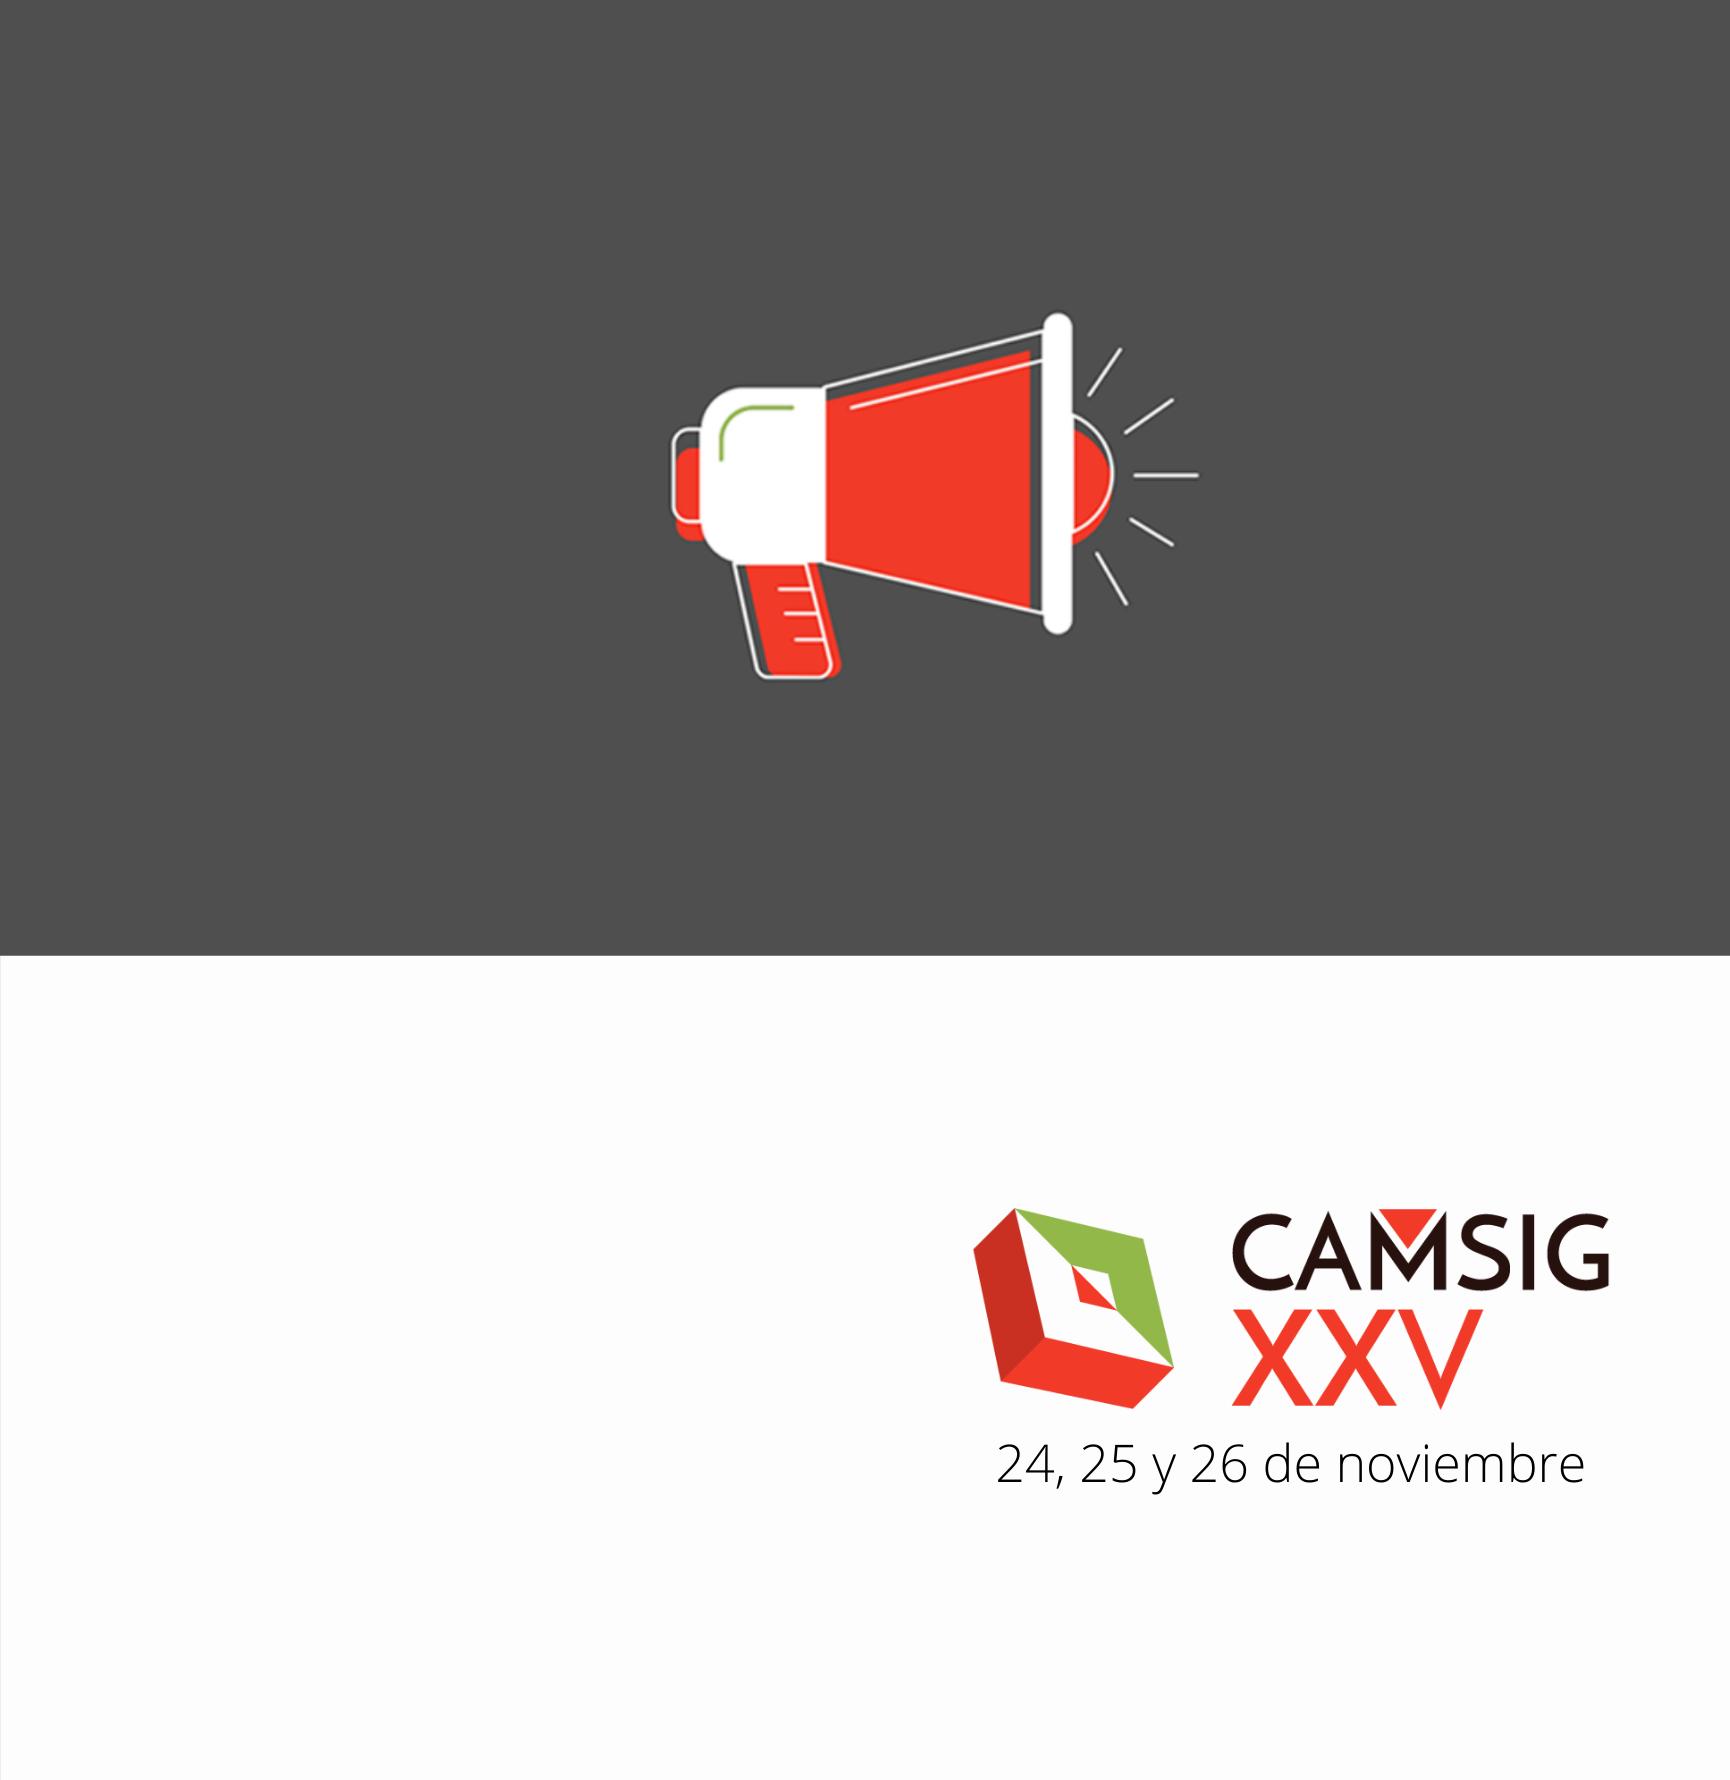 XXV CAMSIG | SAIG